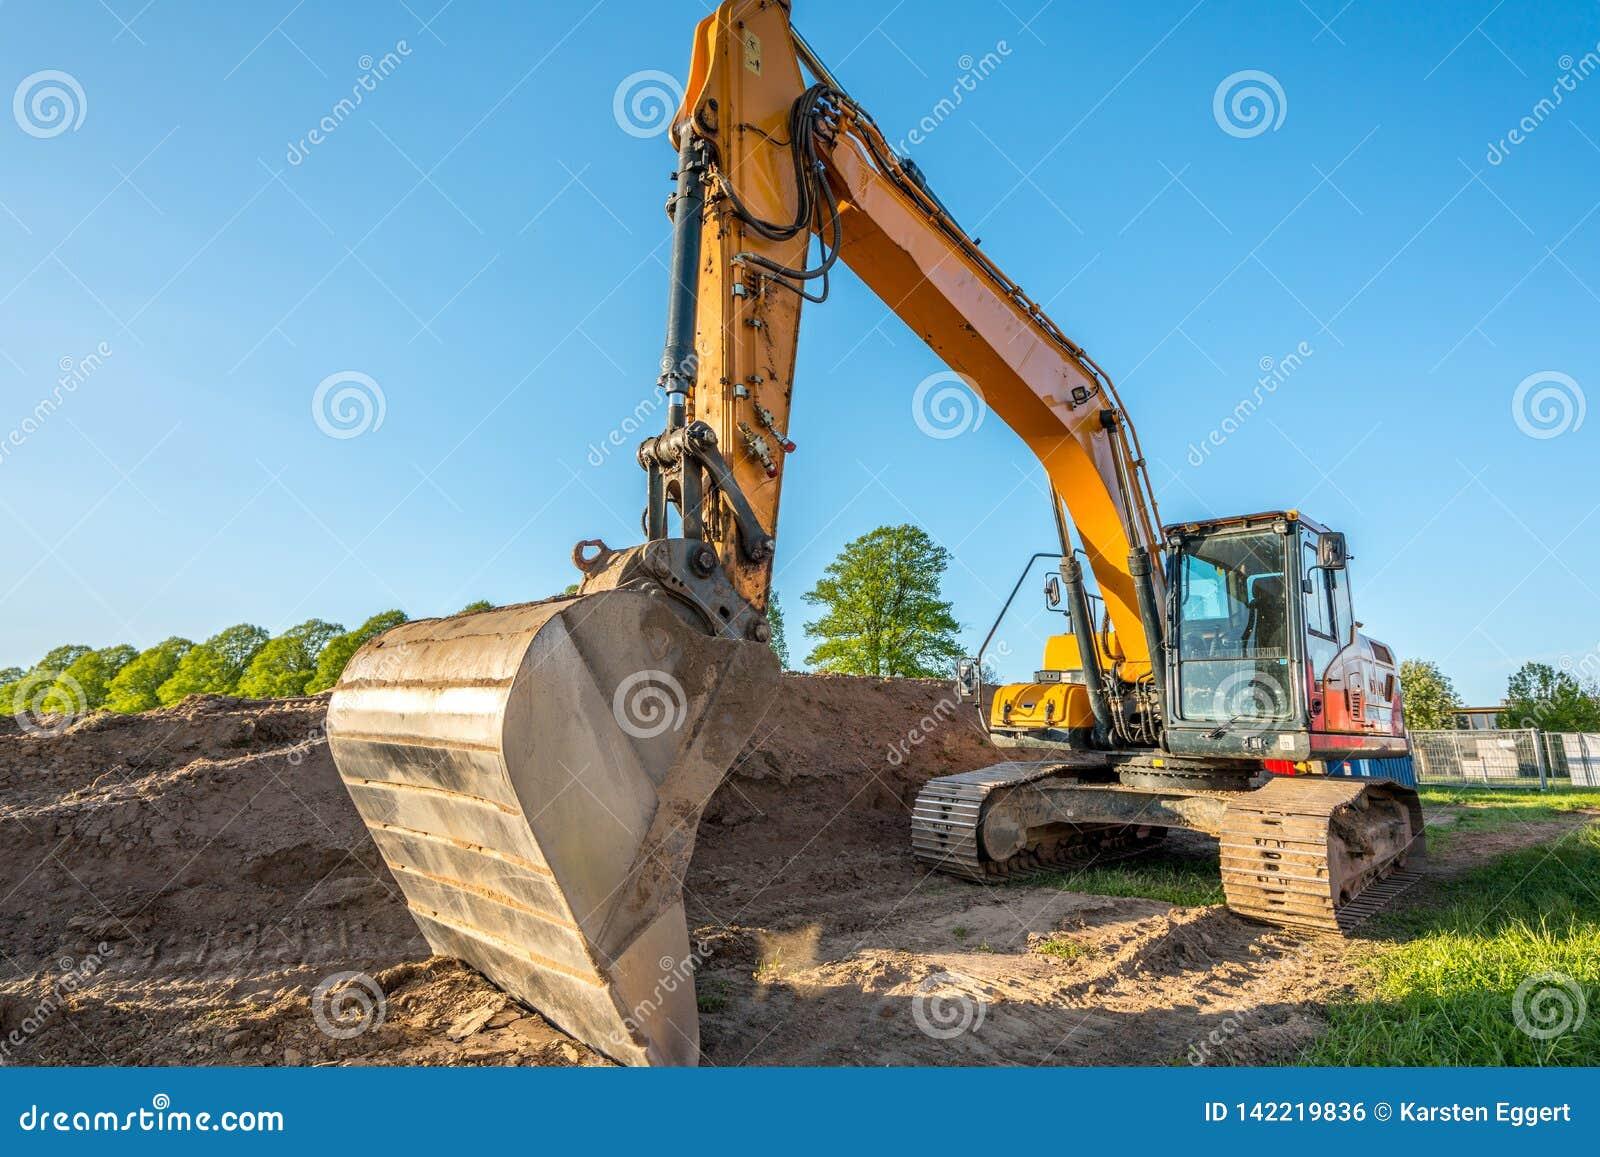 Τα βαριά μηχανήματα κατασκευής εκτελούν την εργασία για ένα εργοτάξιο οικοδομής